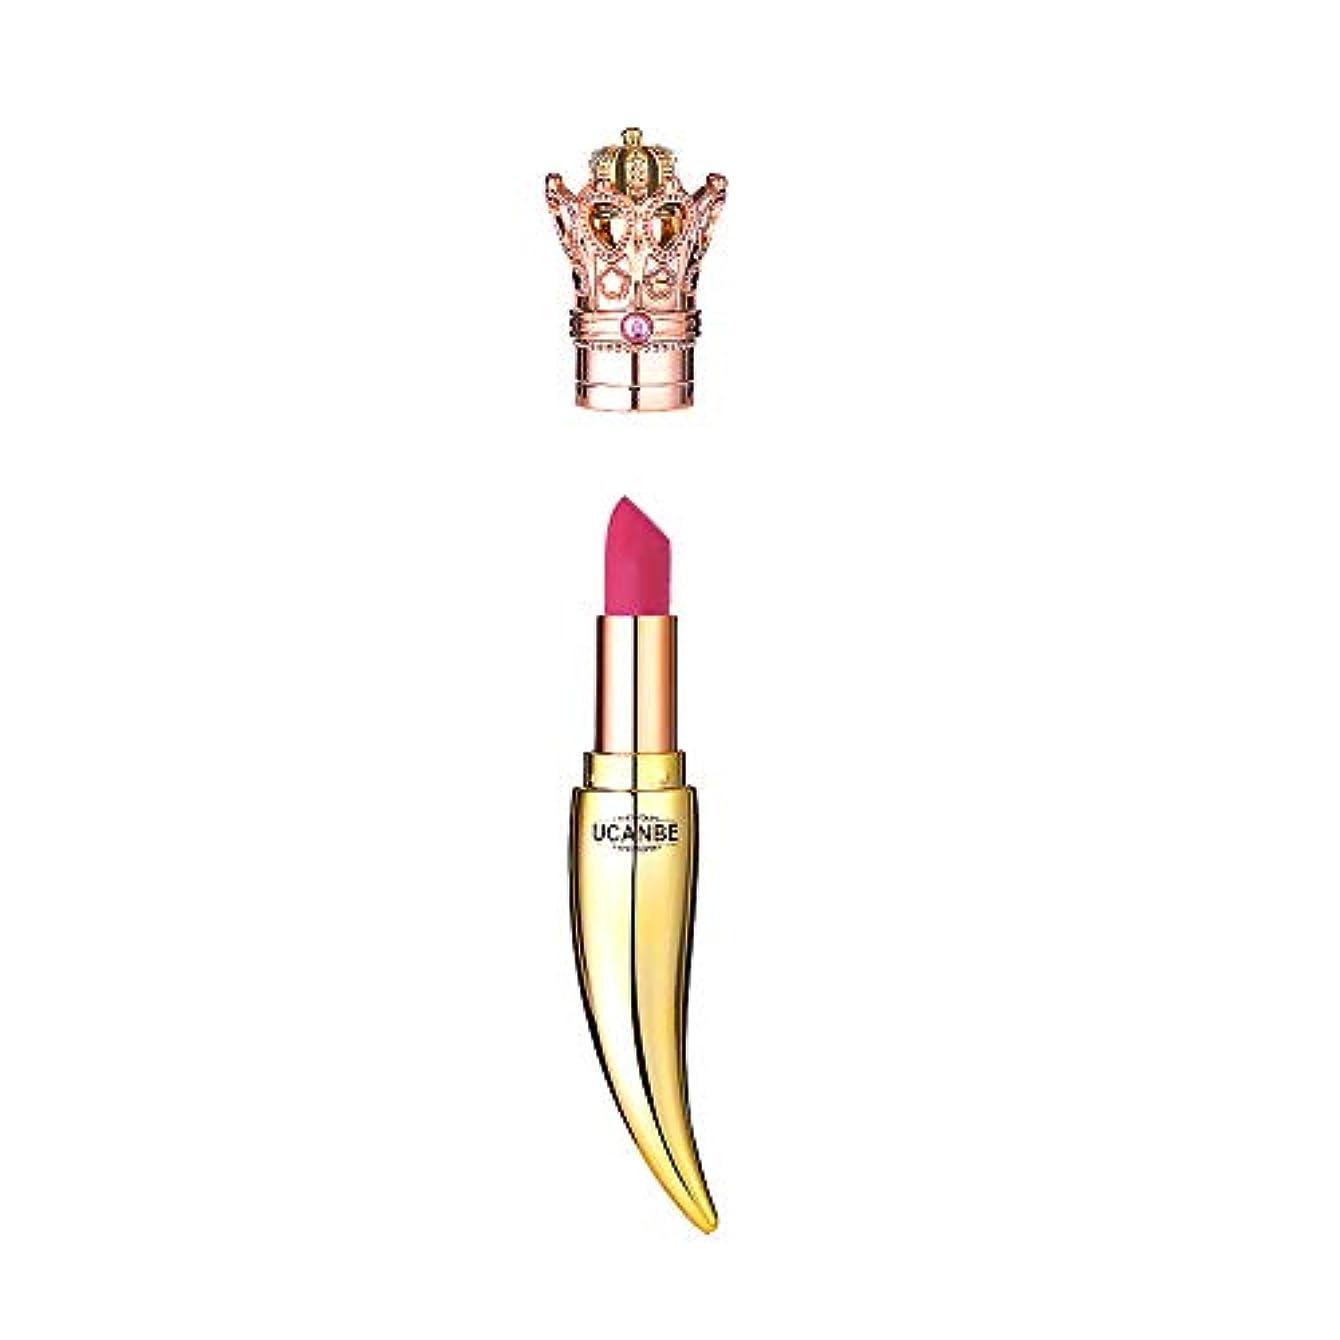 八違法トチの実の木マットの口紅の保湿口紅防水なめらかなベルベットのリップグロスメイクアップ化粧品女性の女の子のスタイル-01